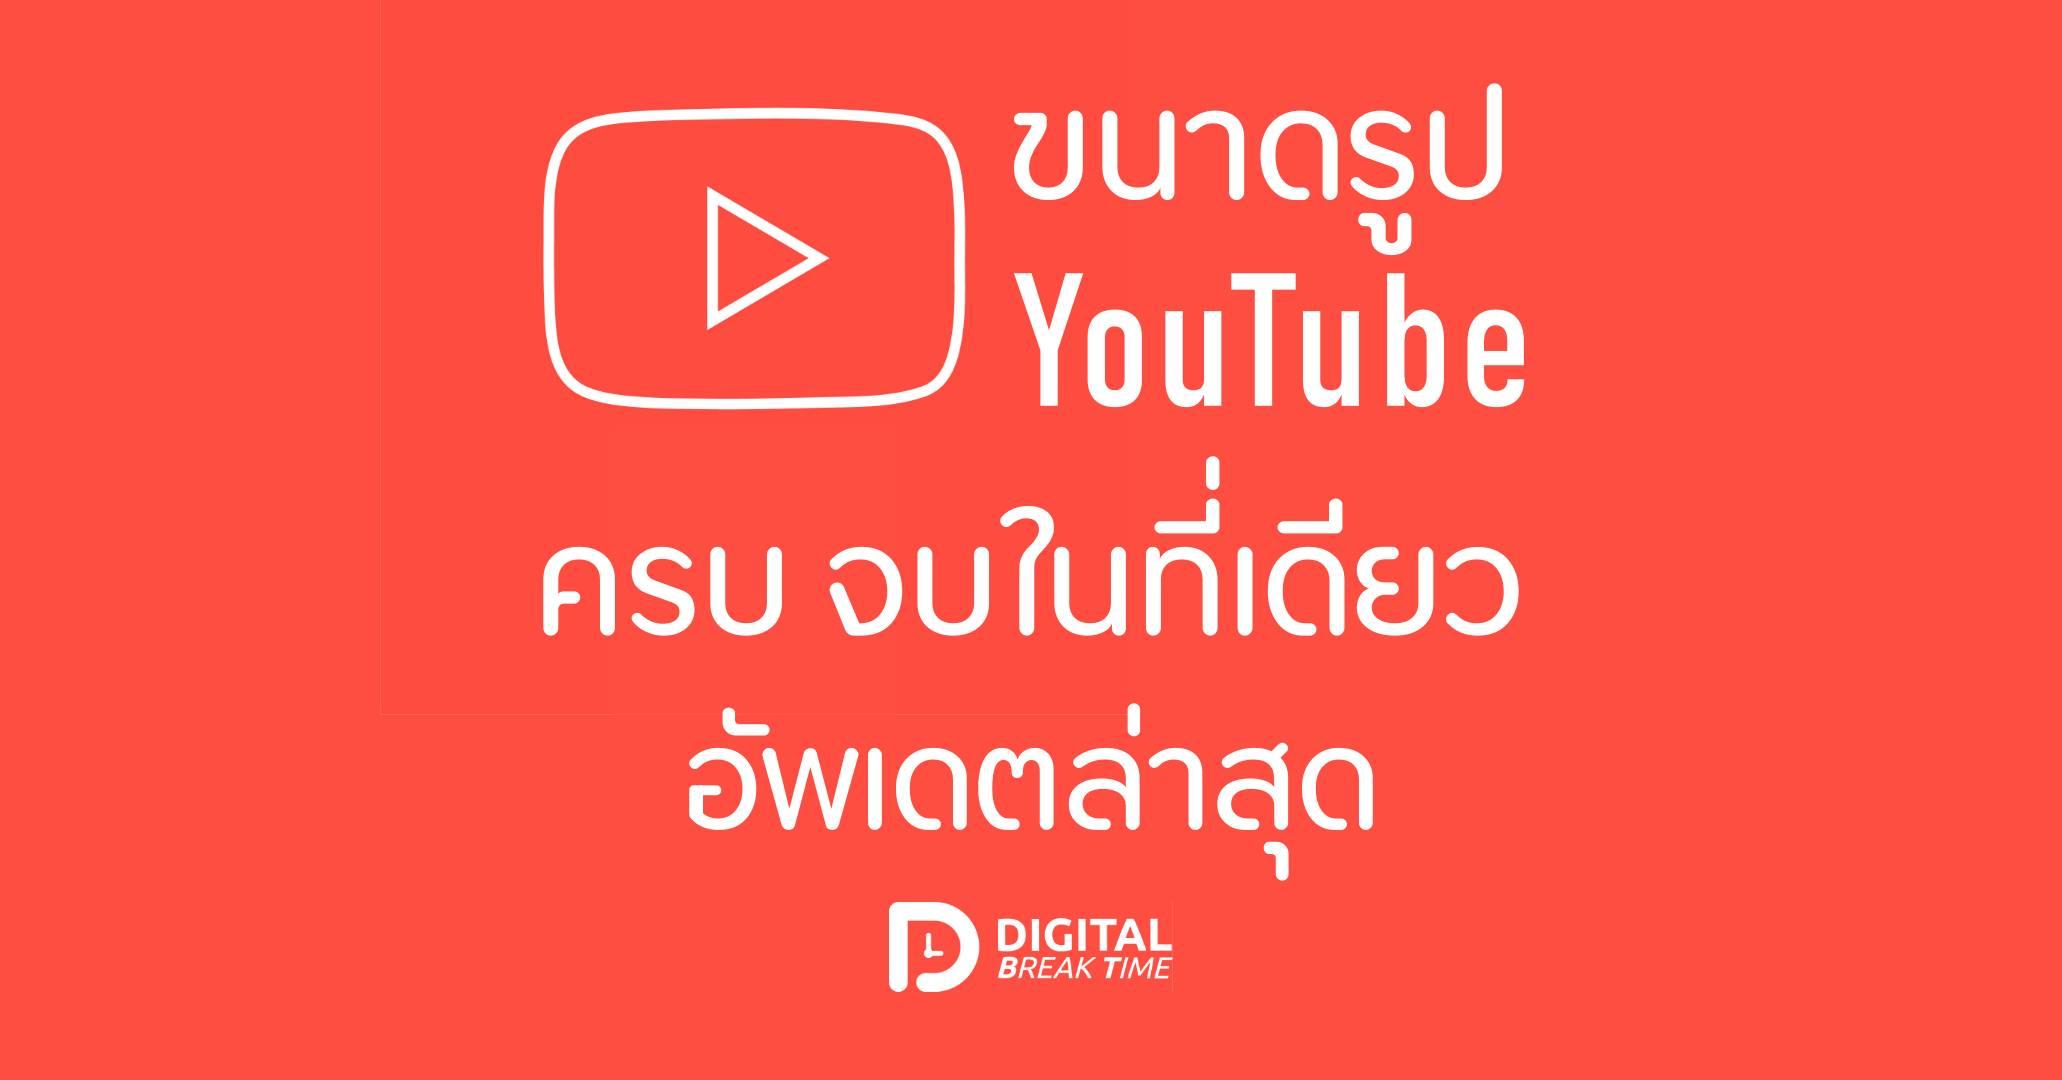 ขนาดรูป YouTube cover